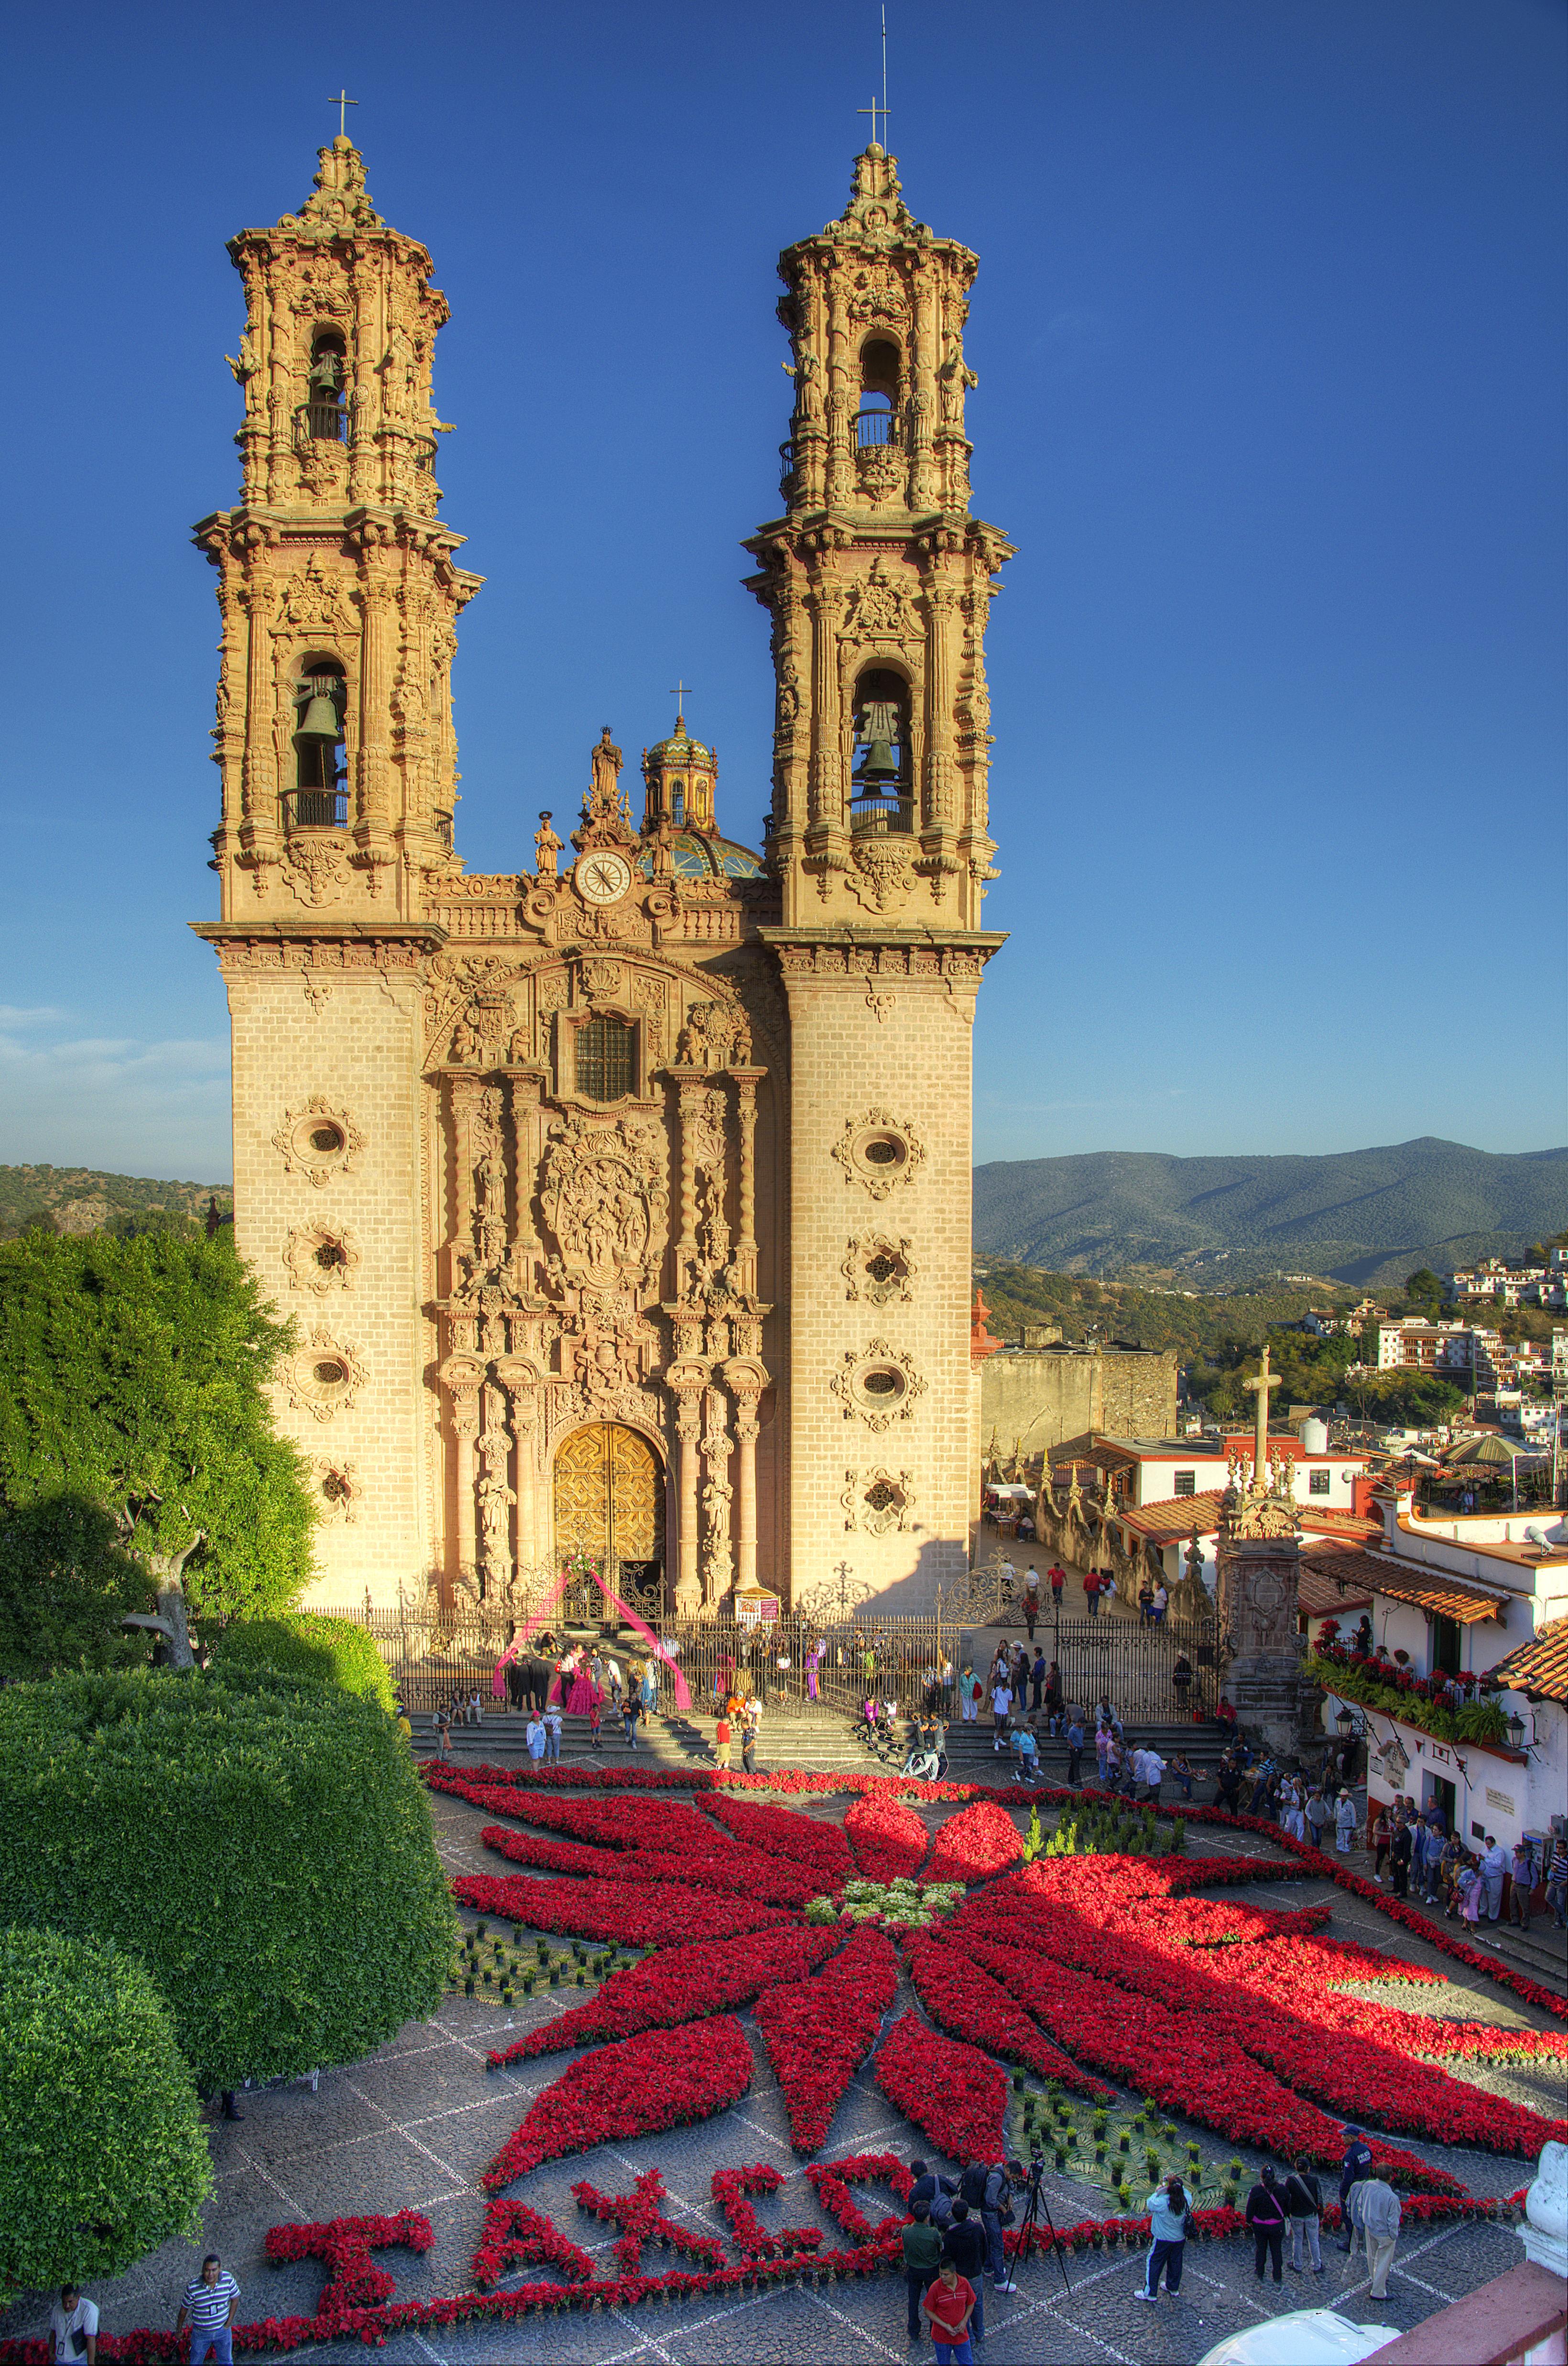 Templo de Santa Prisca, en el pueblo minero de Taxco, es de los templos fantásticos de México.